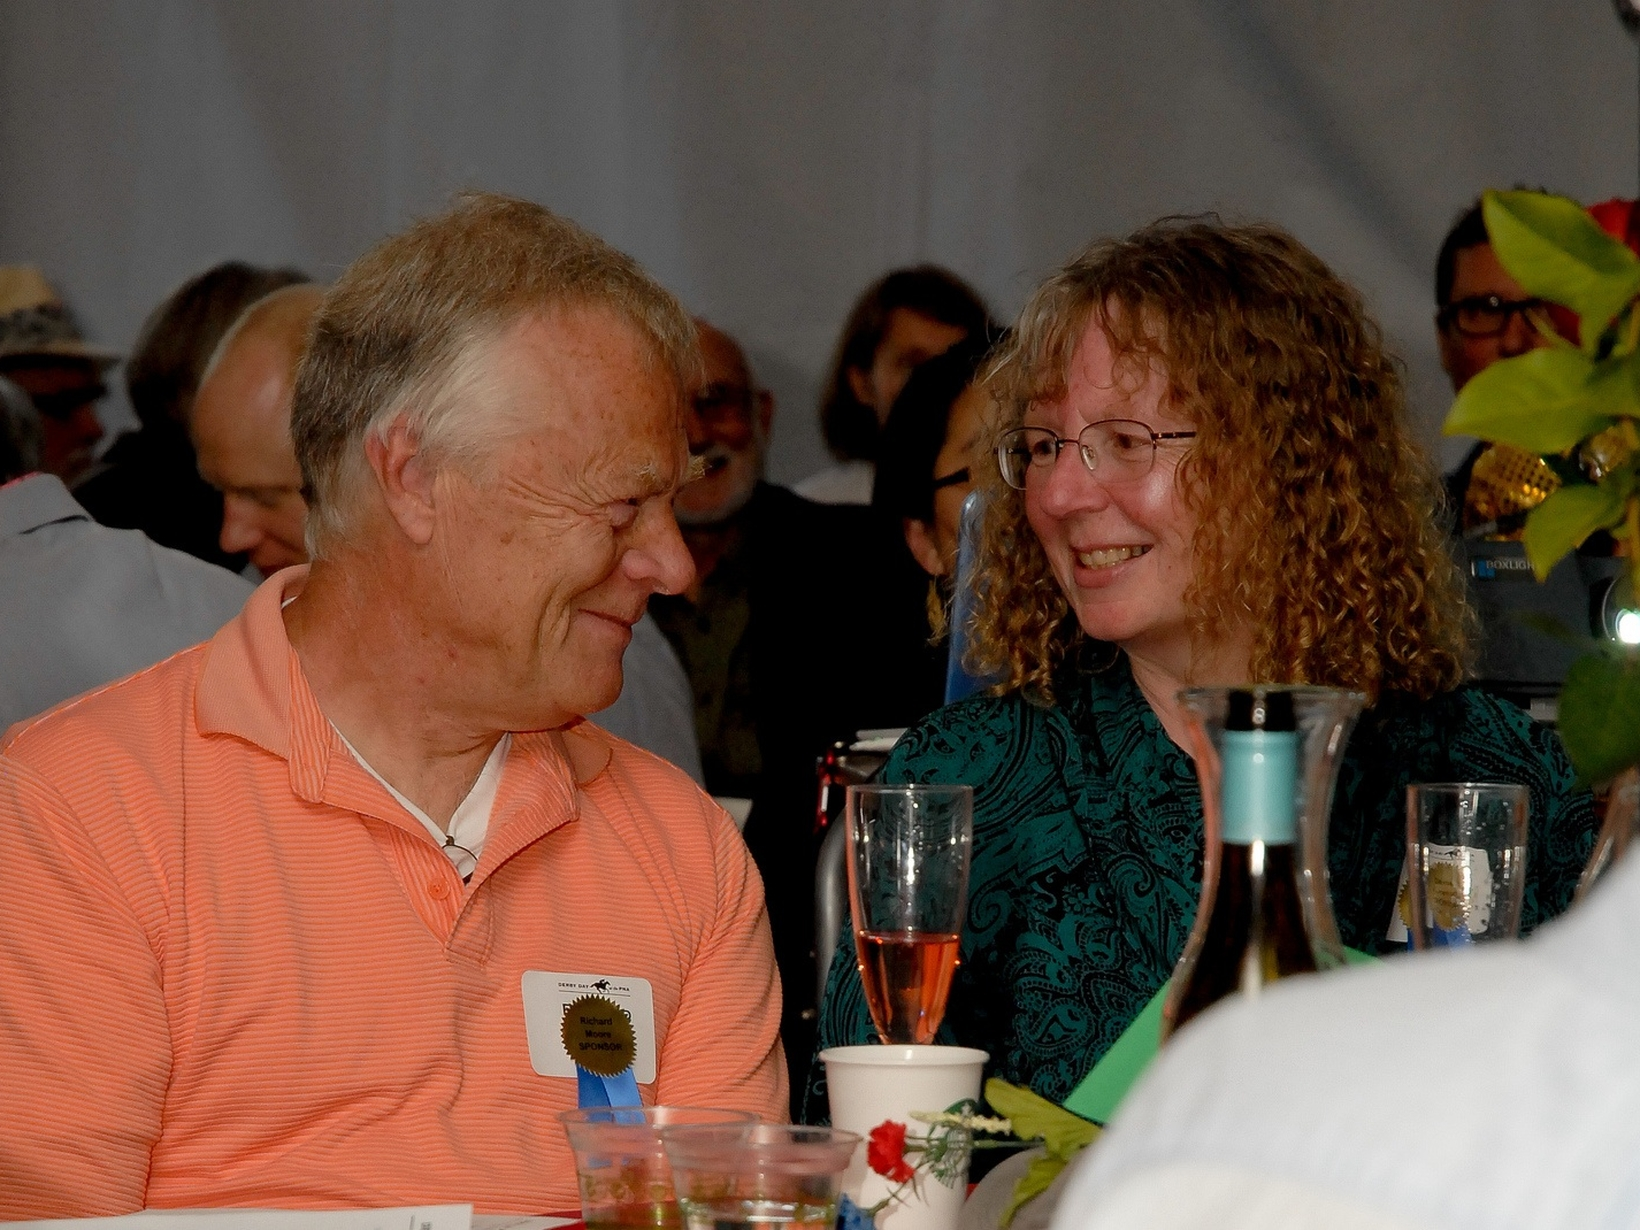 Richard & Denise from Seattle, Washington, United States